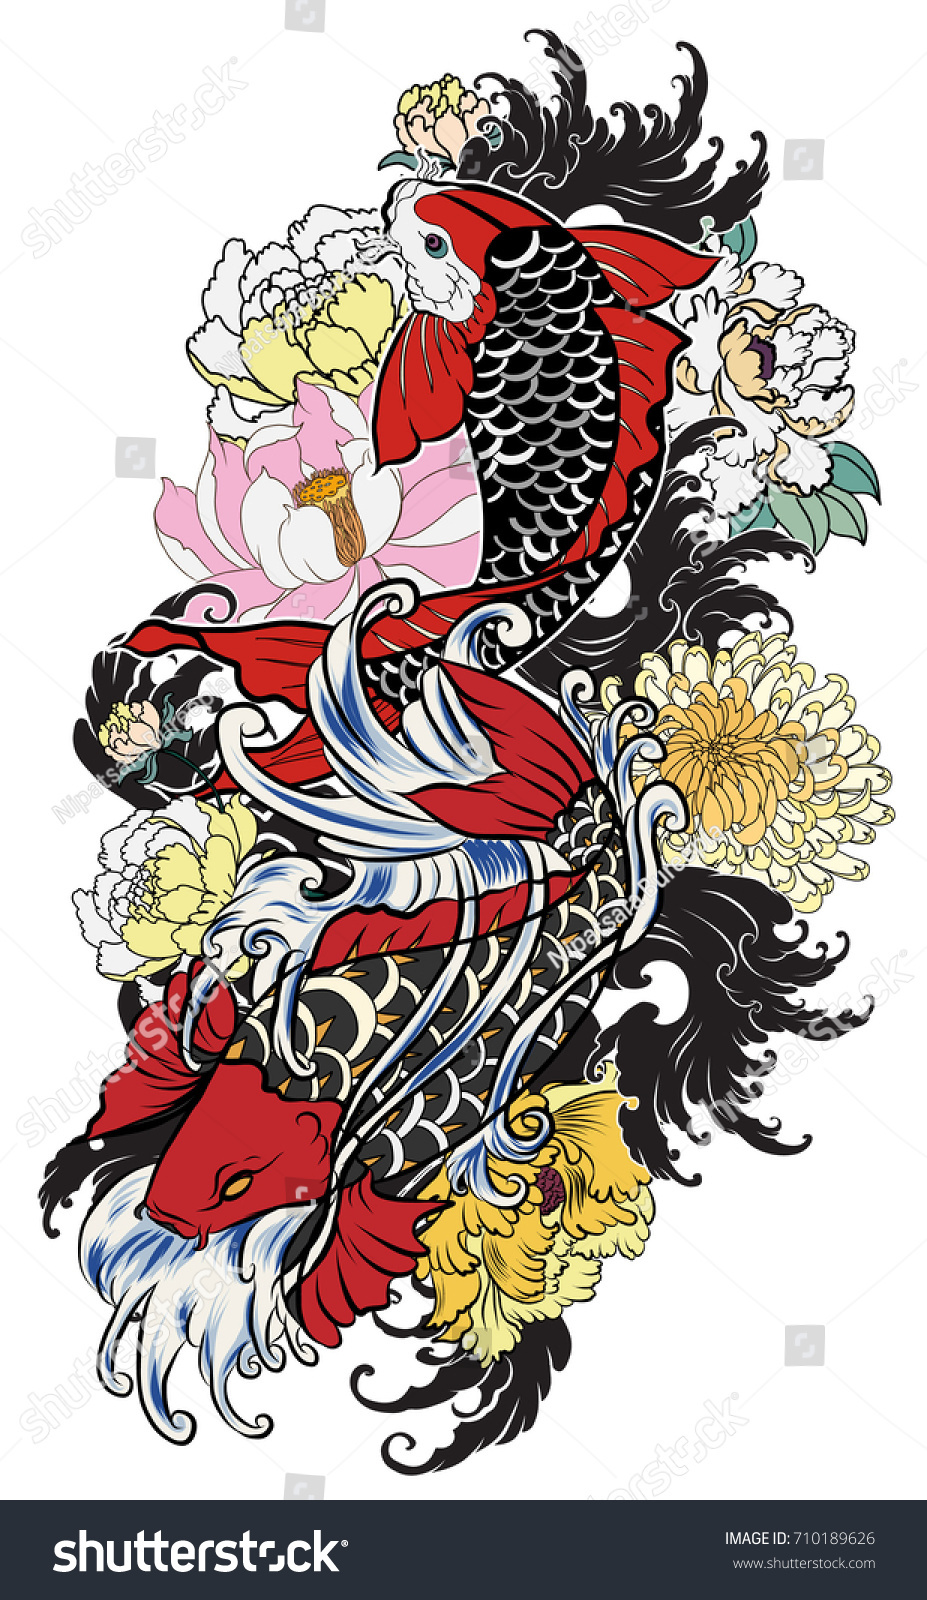 Hand Drawn Koi Fish Flower Tattoo Stock Vector 710189626 - Shutterstock